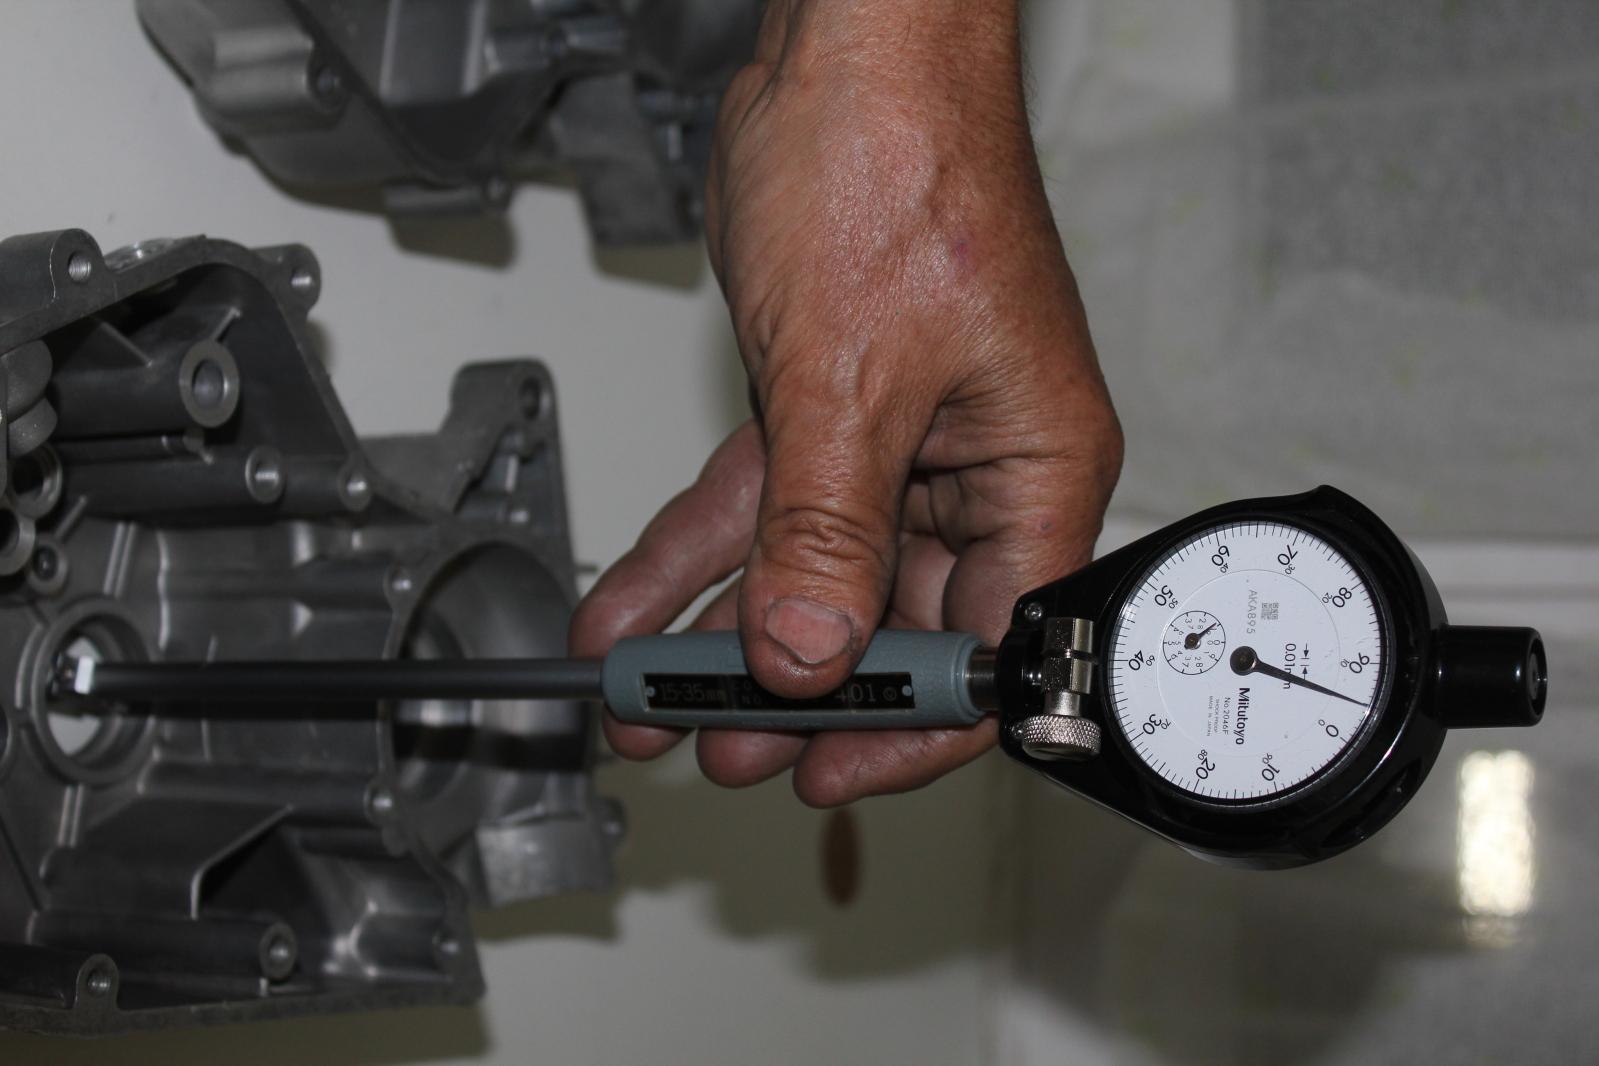 Mejoras en motores P3 P4 RV4 DL P6 K6... - Página 3 Imrvcx